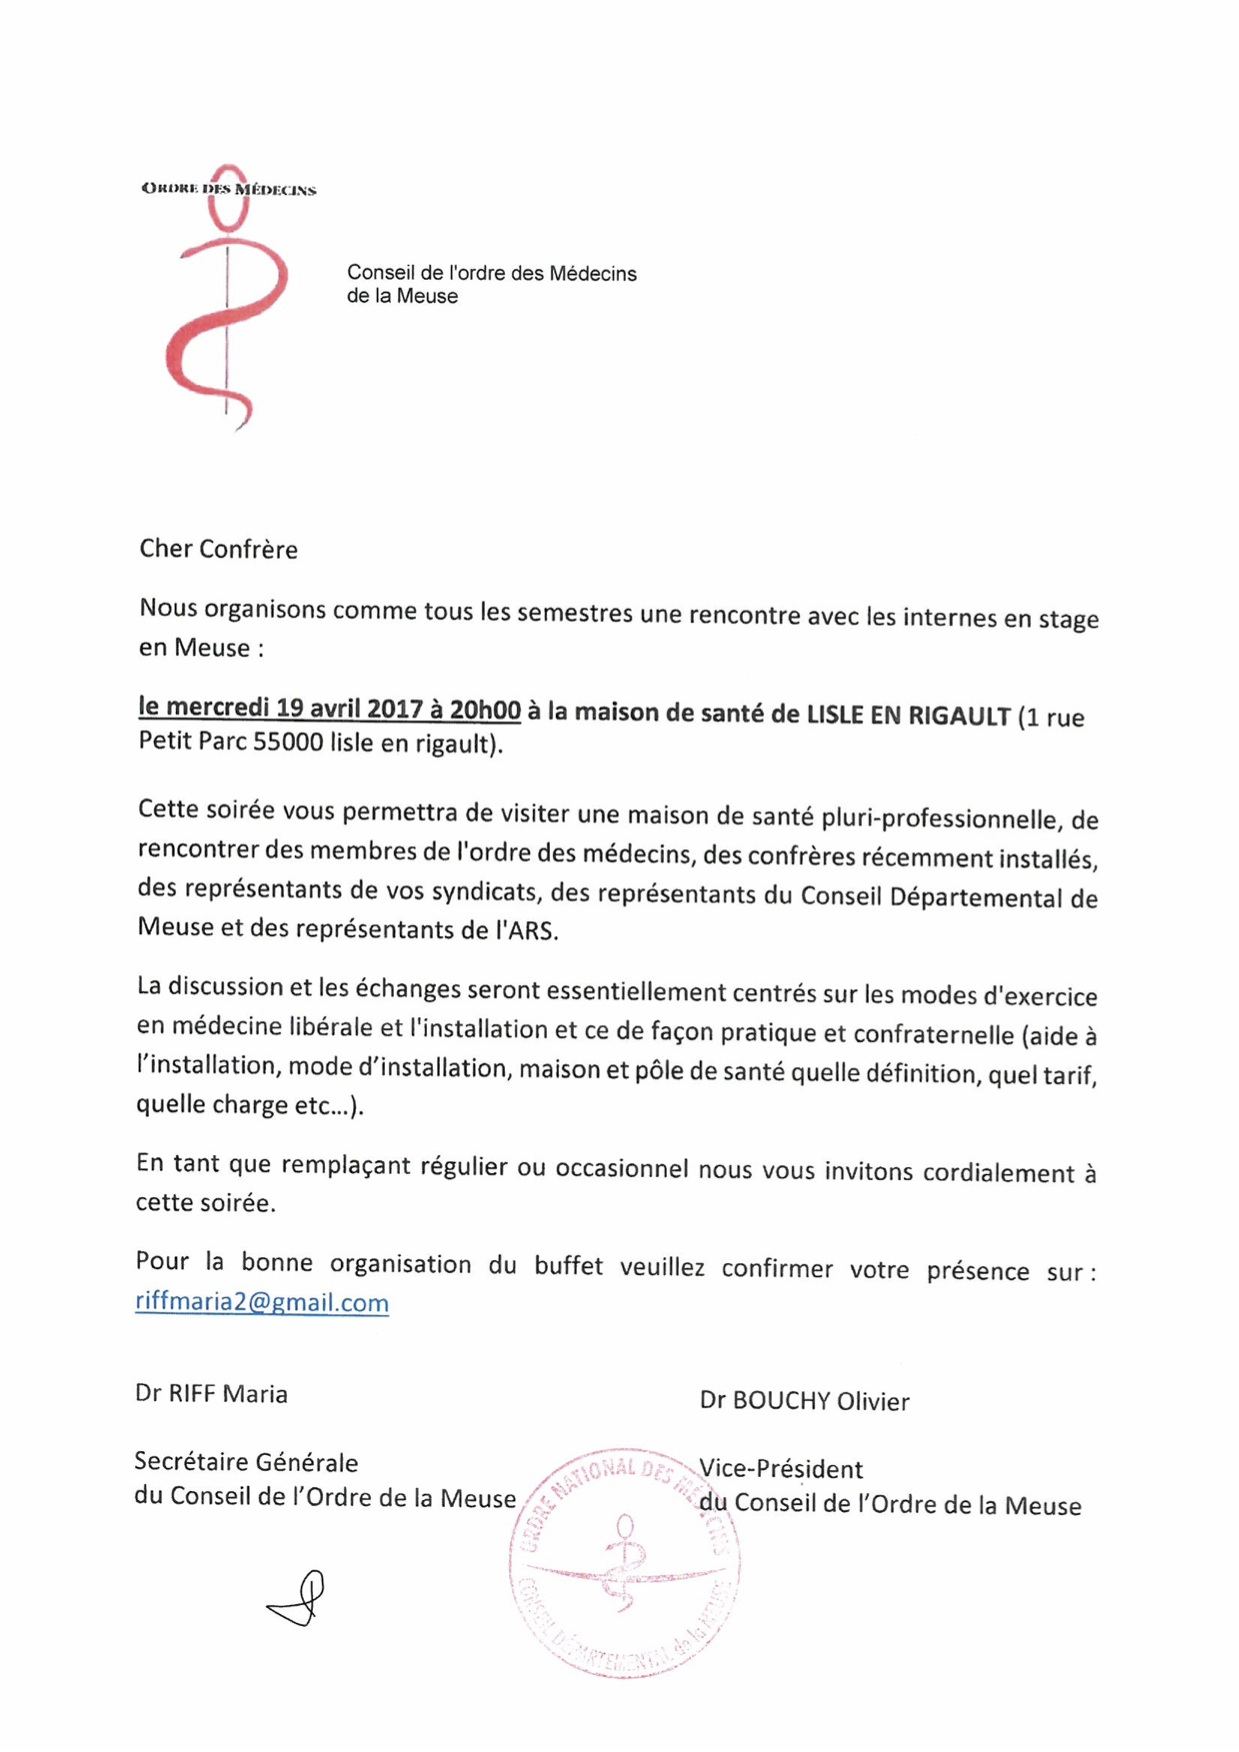 Invitation à la réunion avec les internes de MG du sud-meusien - mercredi 19.04.2017 à 20h à la MSP de LISLE EN RIGAULT-2